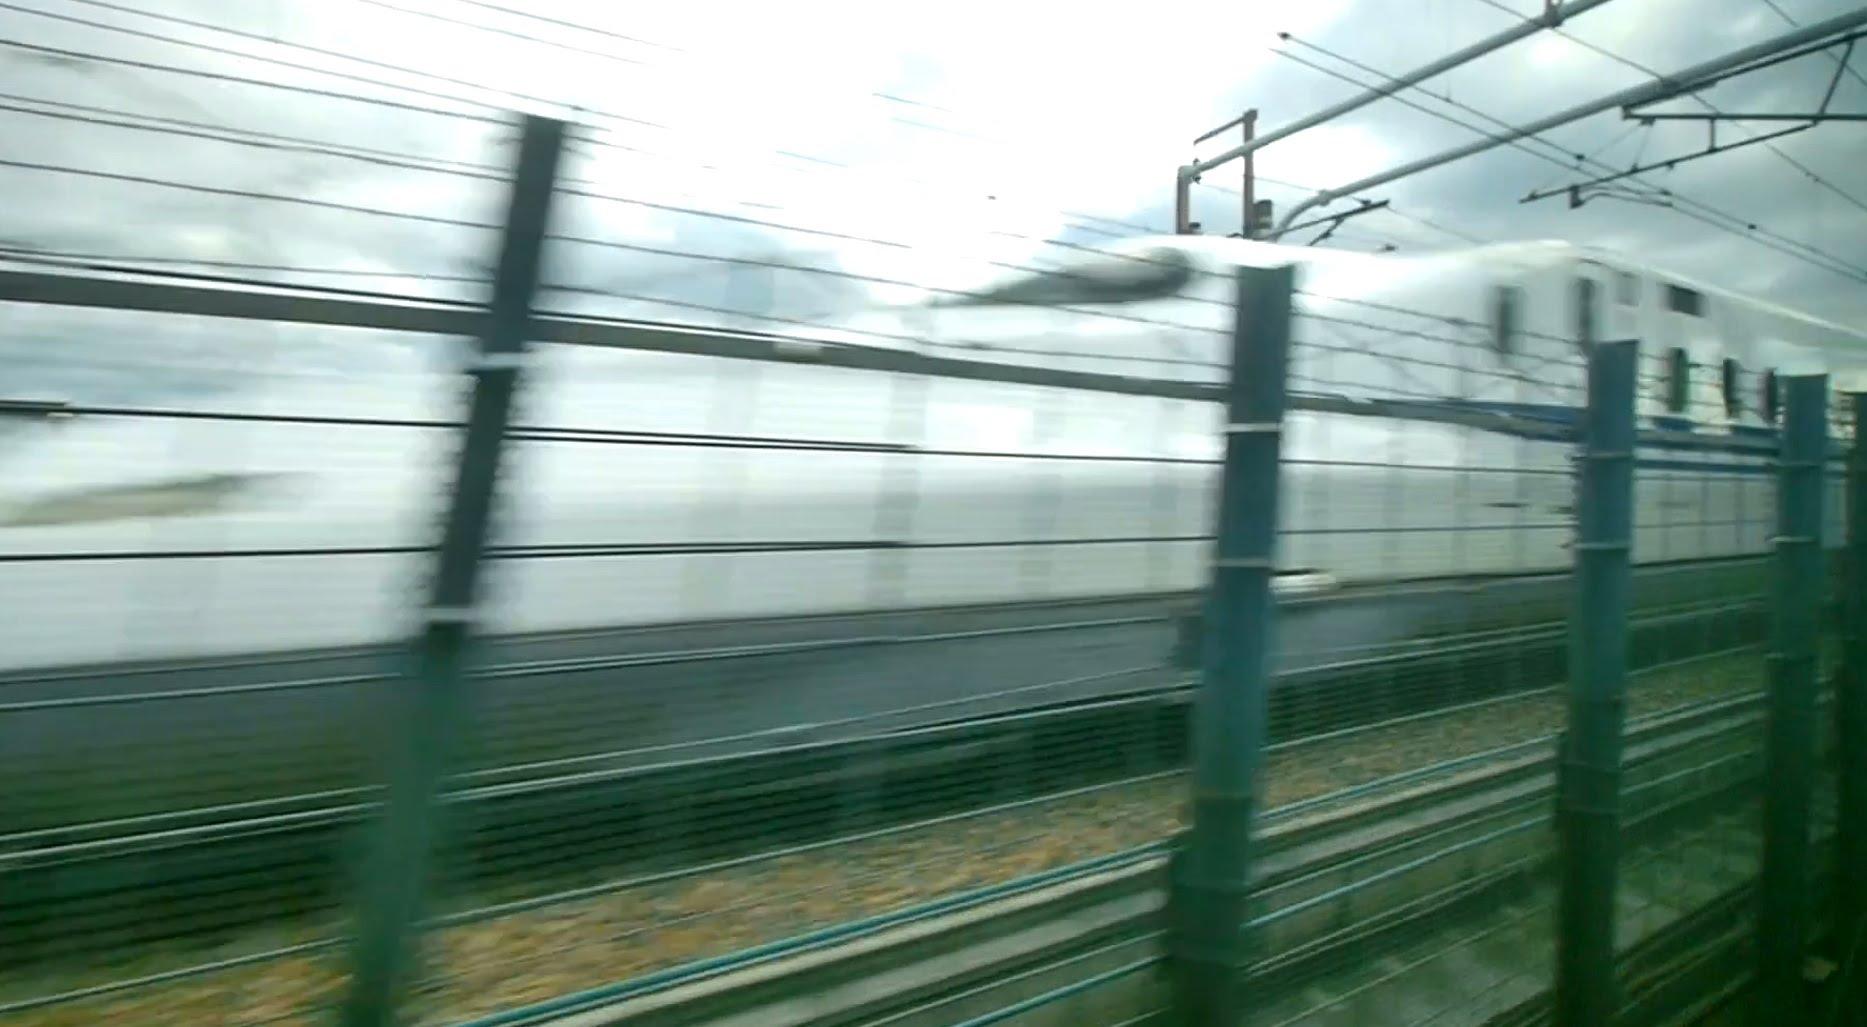 阪急電鉄 京都線特急 (9300系運行) 超広角車窓 進行左側 河原町~高槻市~十三・梅田